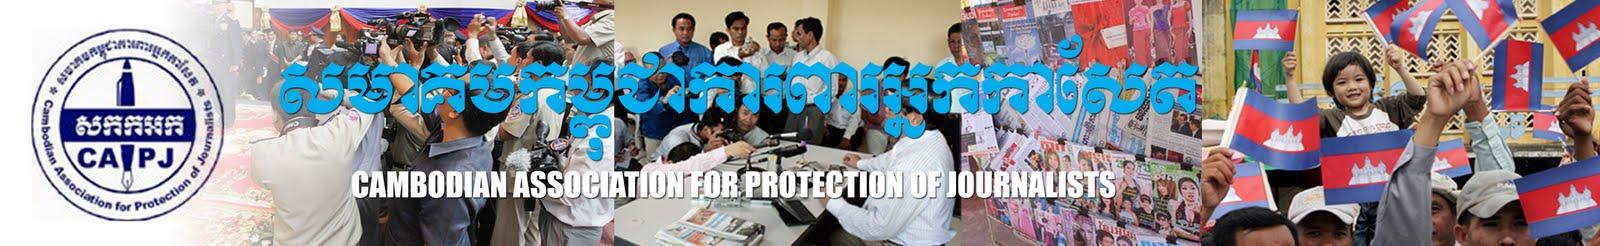 CAPJ-Cambodia